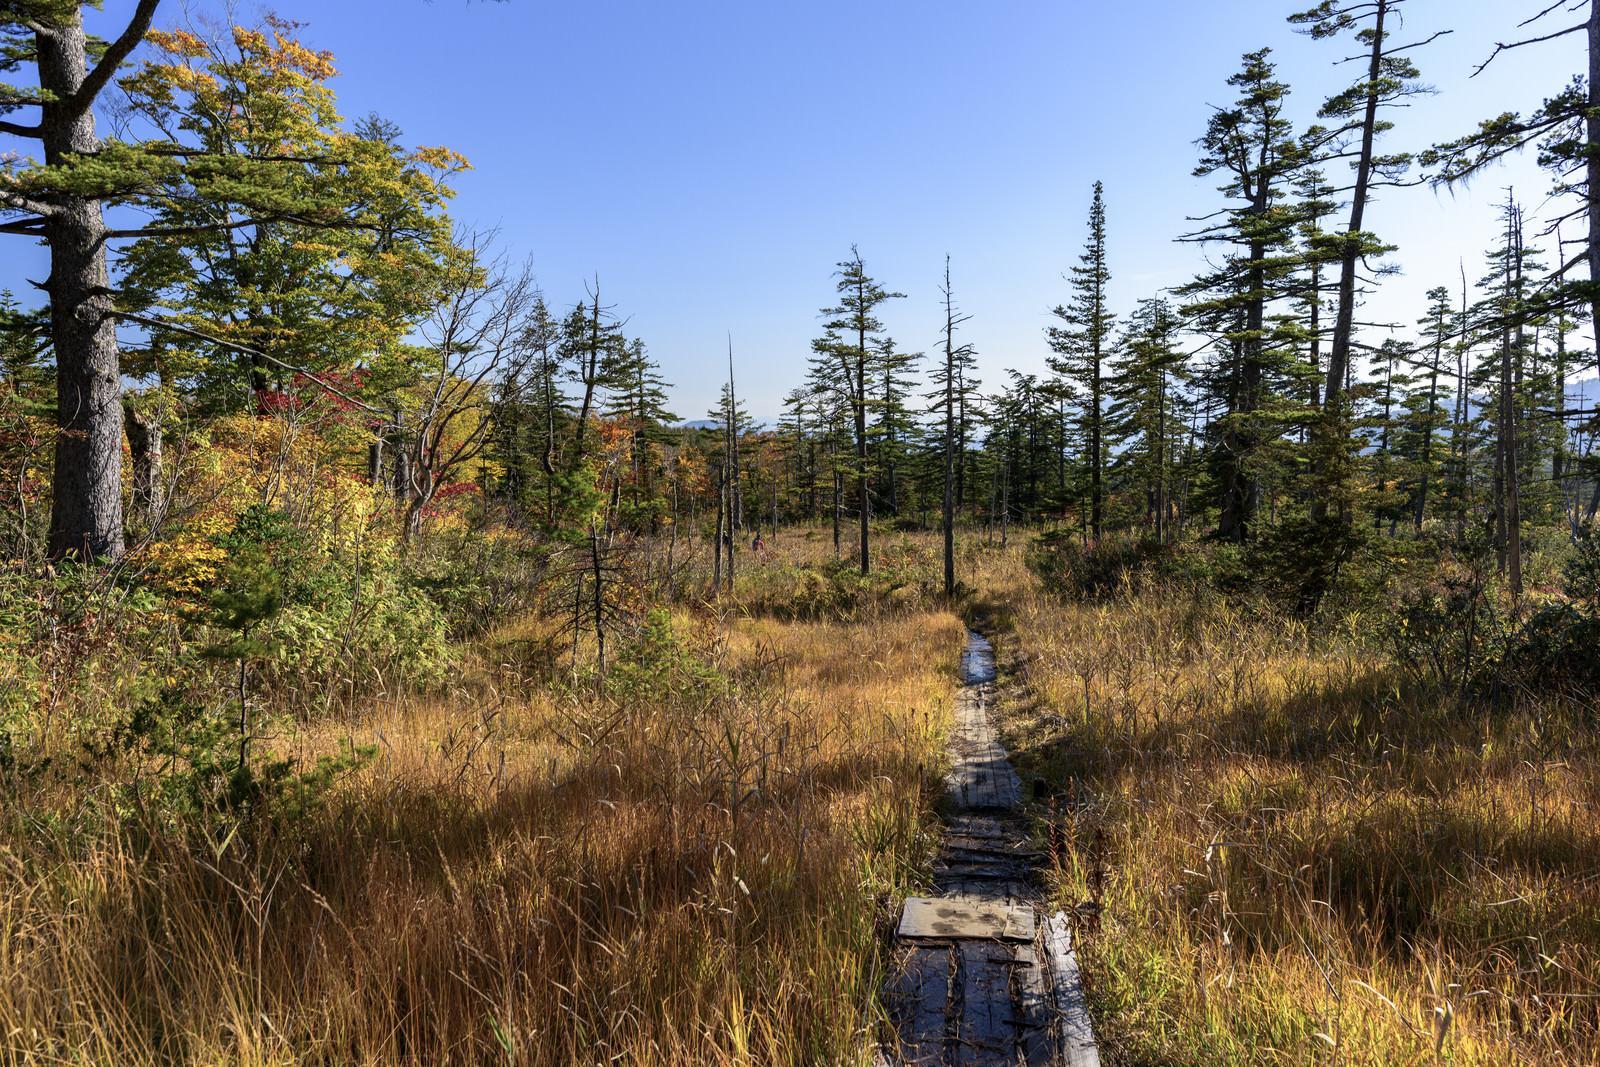 「黄葉のデコ平湿原(西吾妻山)」の写真